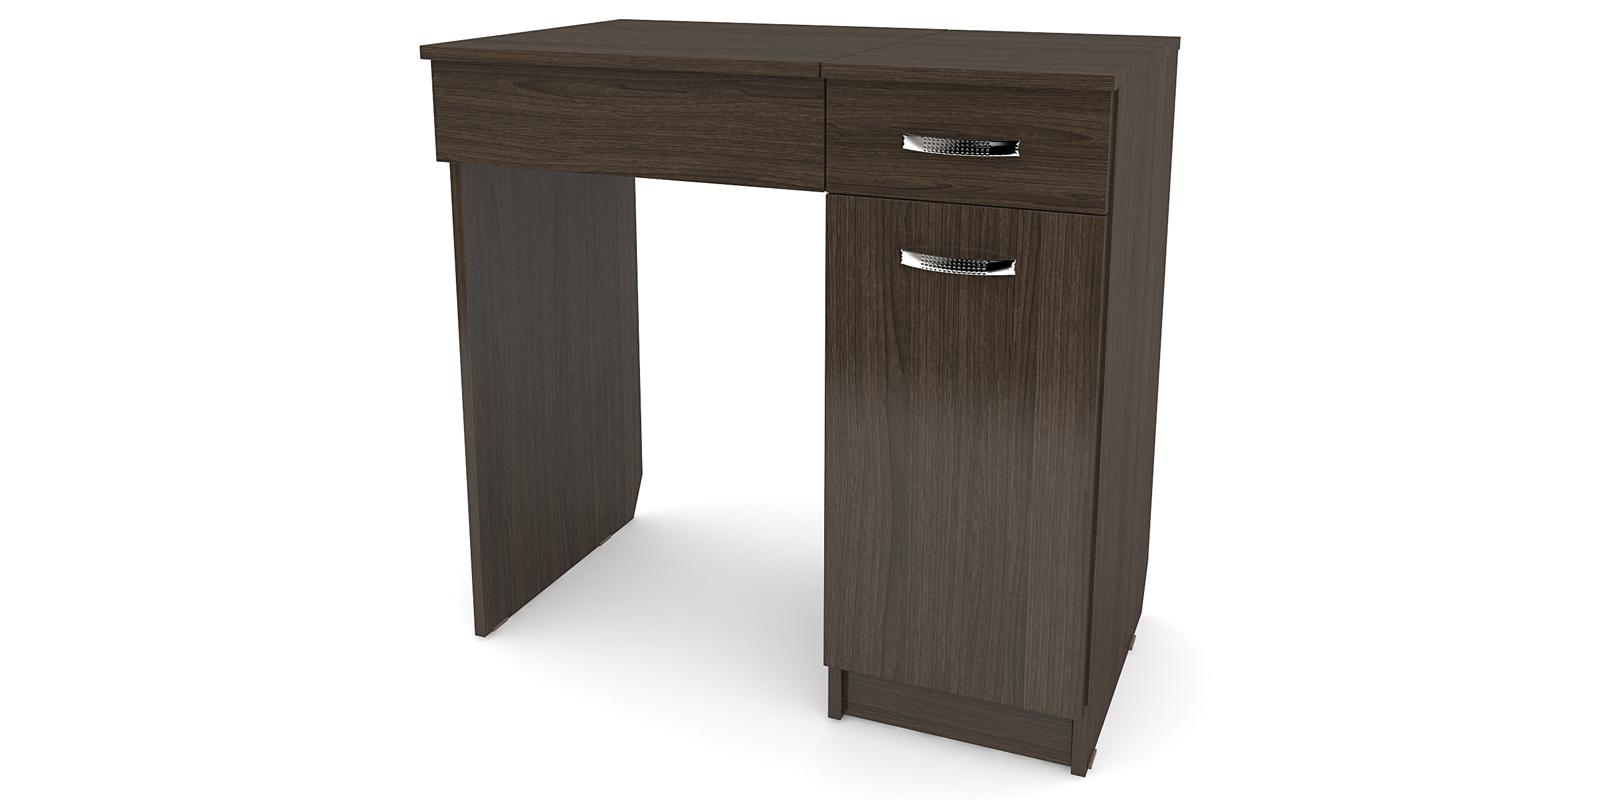 Столик туалетный Портофино вариант №3 правый (венге) от HomeMe.ru